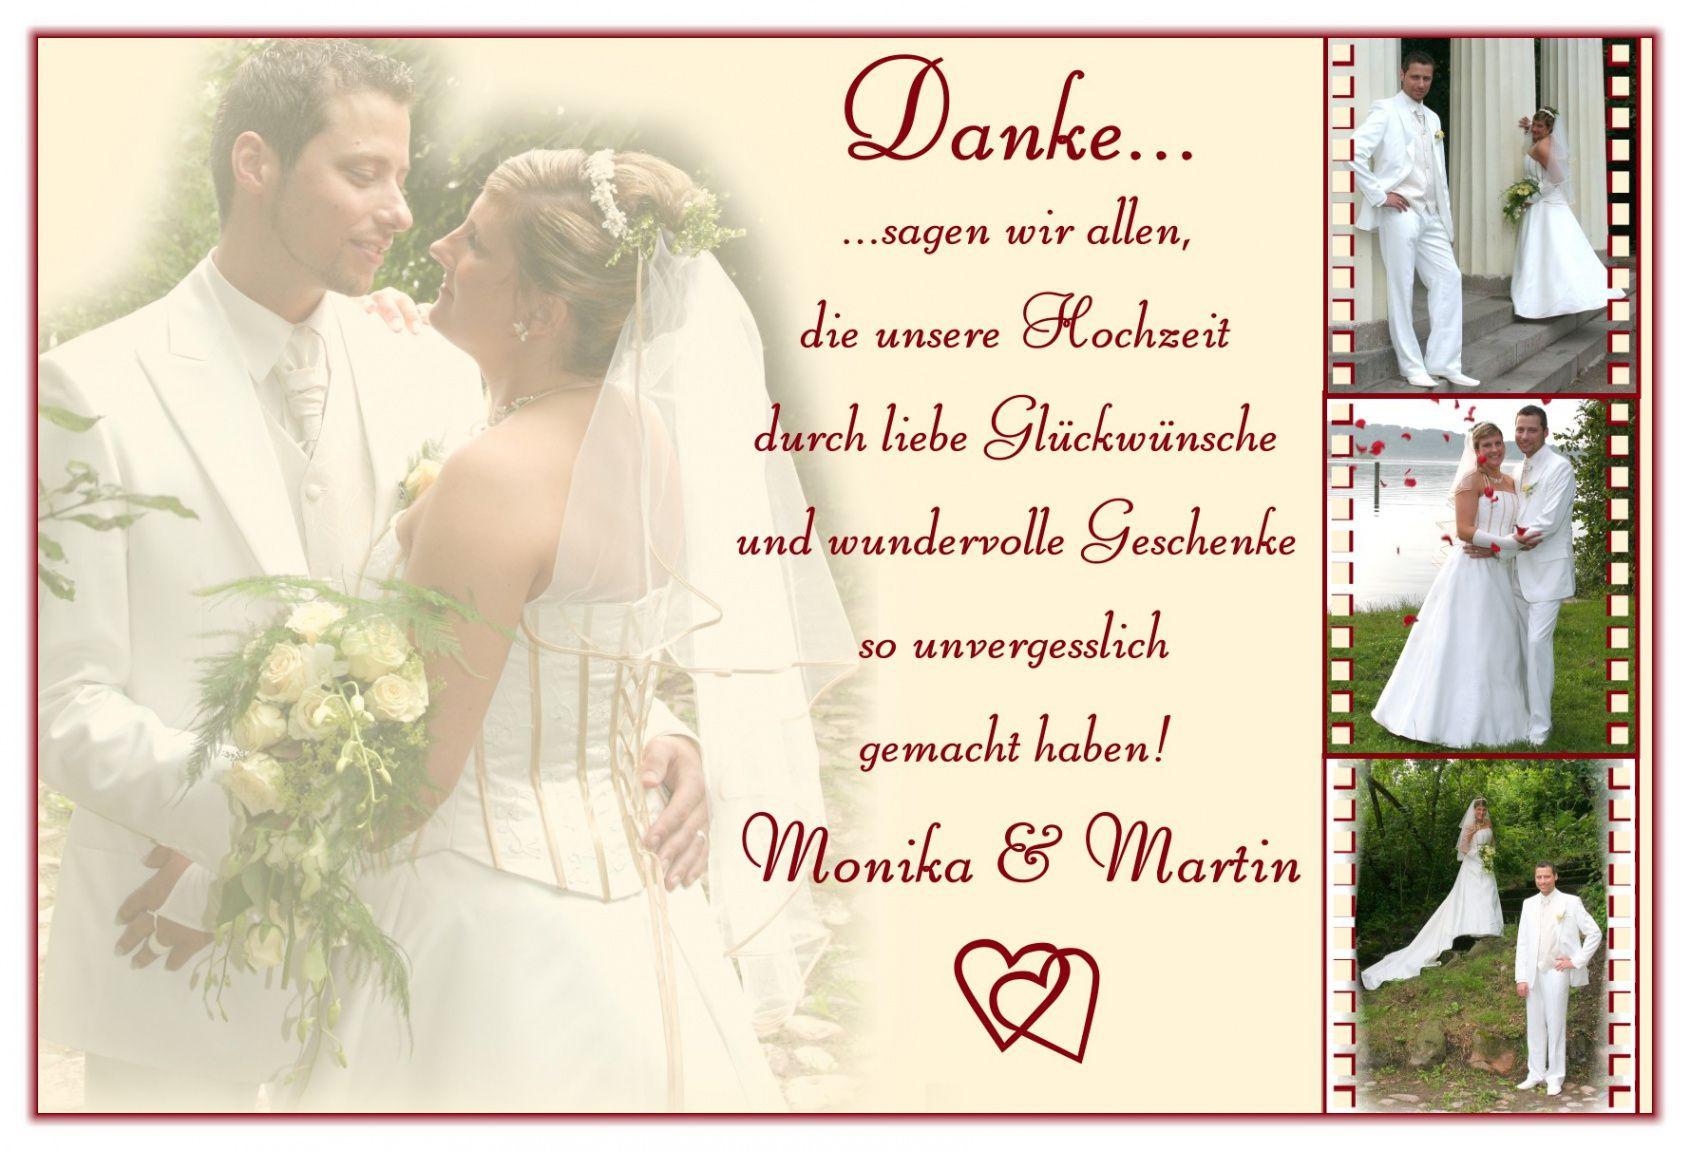 Dankeskarte Hochzeit Text  dankeskarten hochzeit dankeskarte hochzeit Danksagung